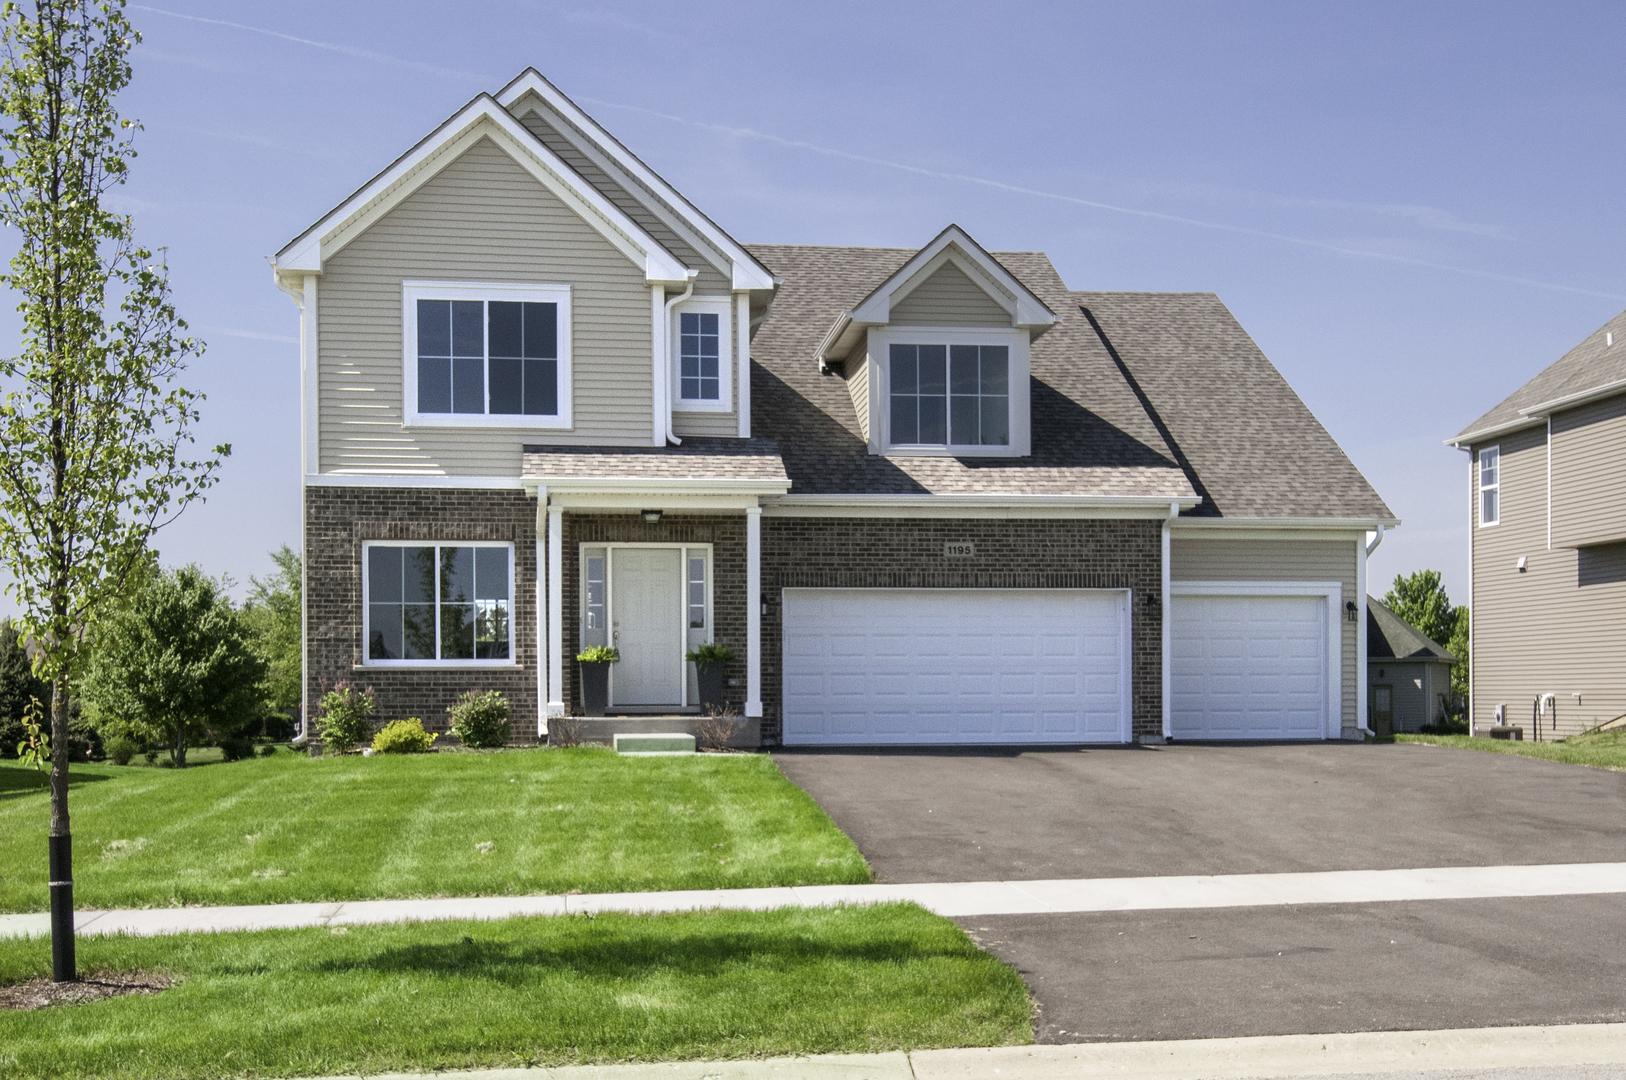 1195  Beed,  Elburn, Illinois